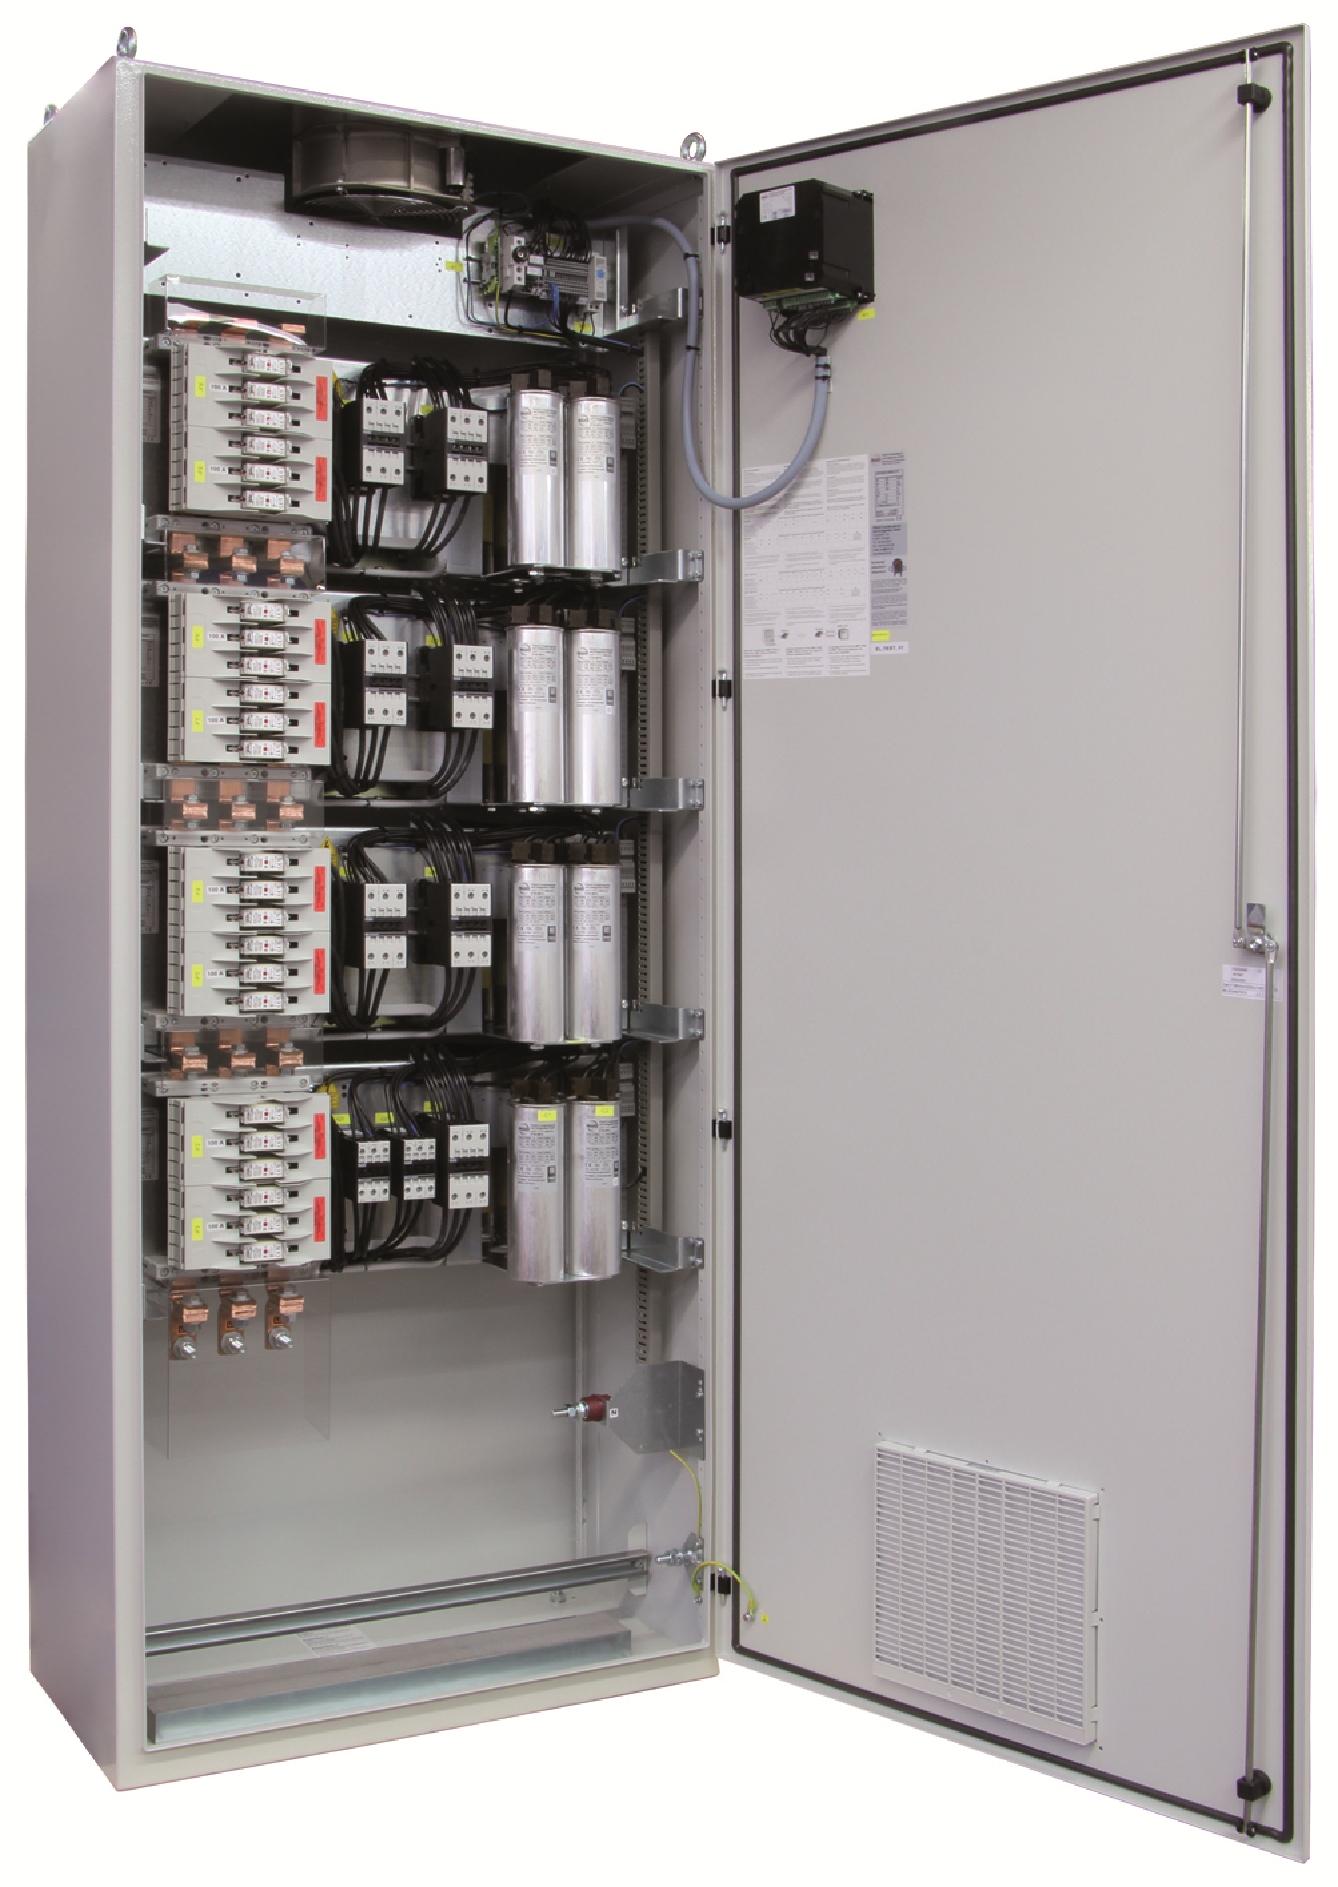 1 Stk Kompensation LSFC 14% 175/25kvar 800x2110x500mm FR3422635-